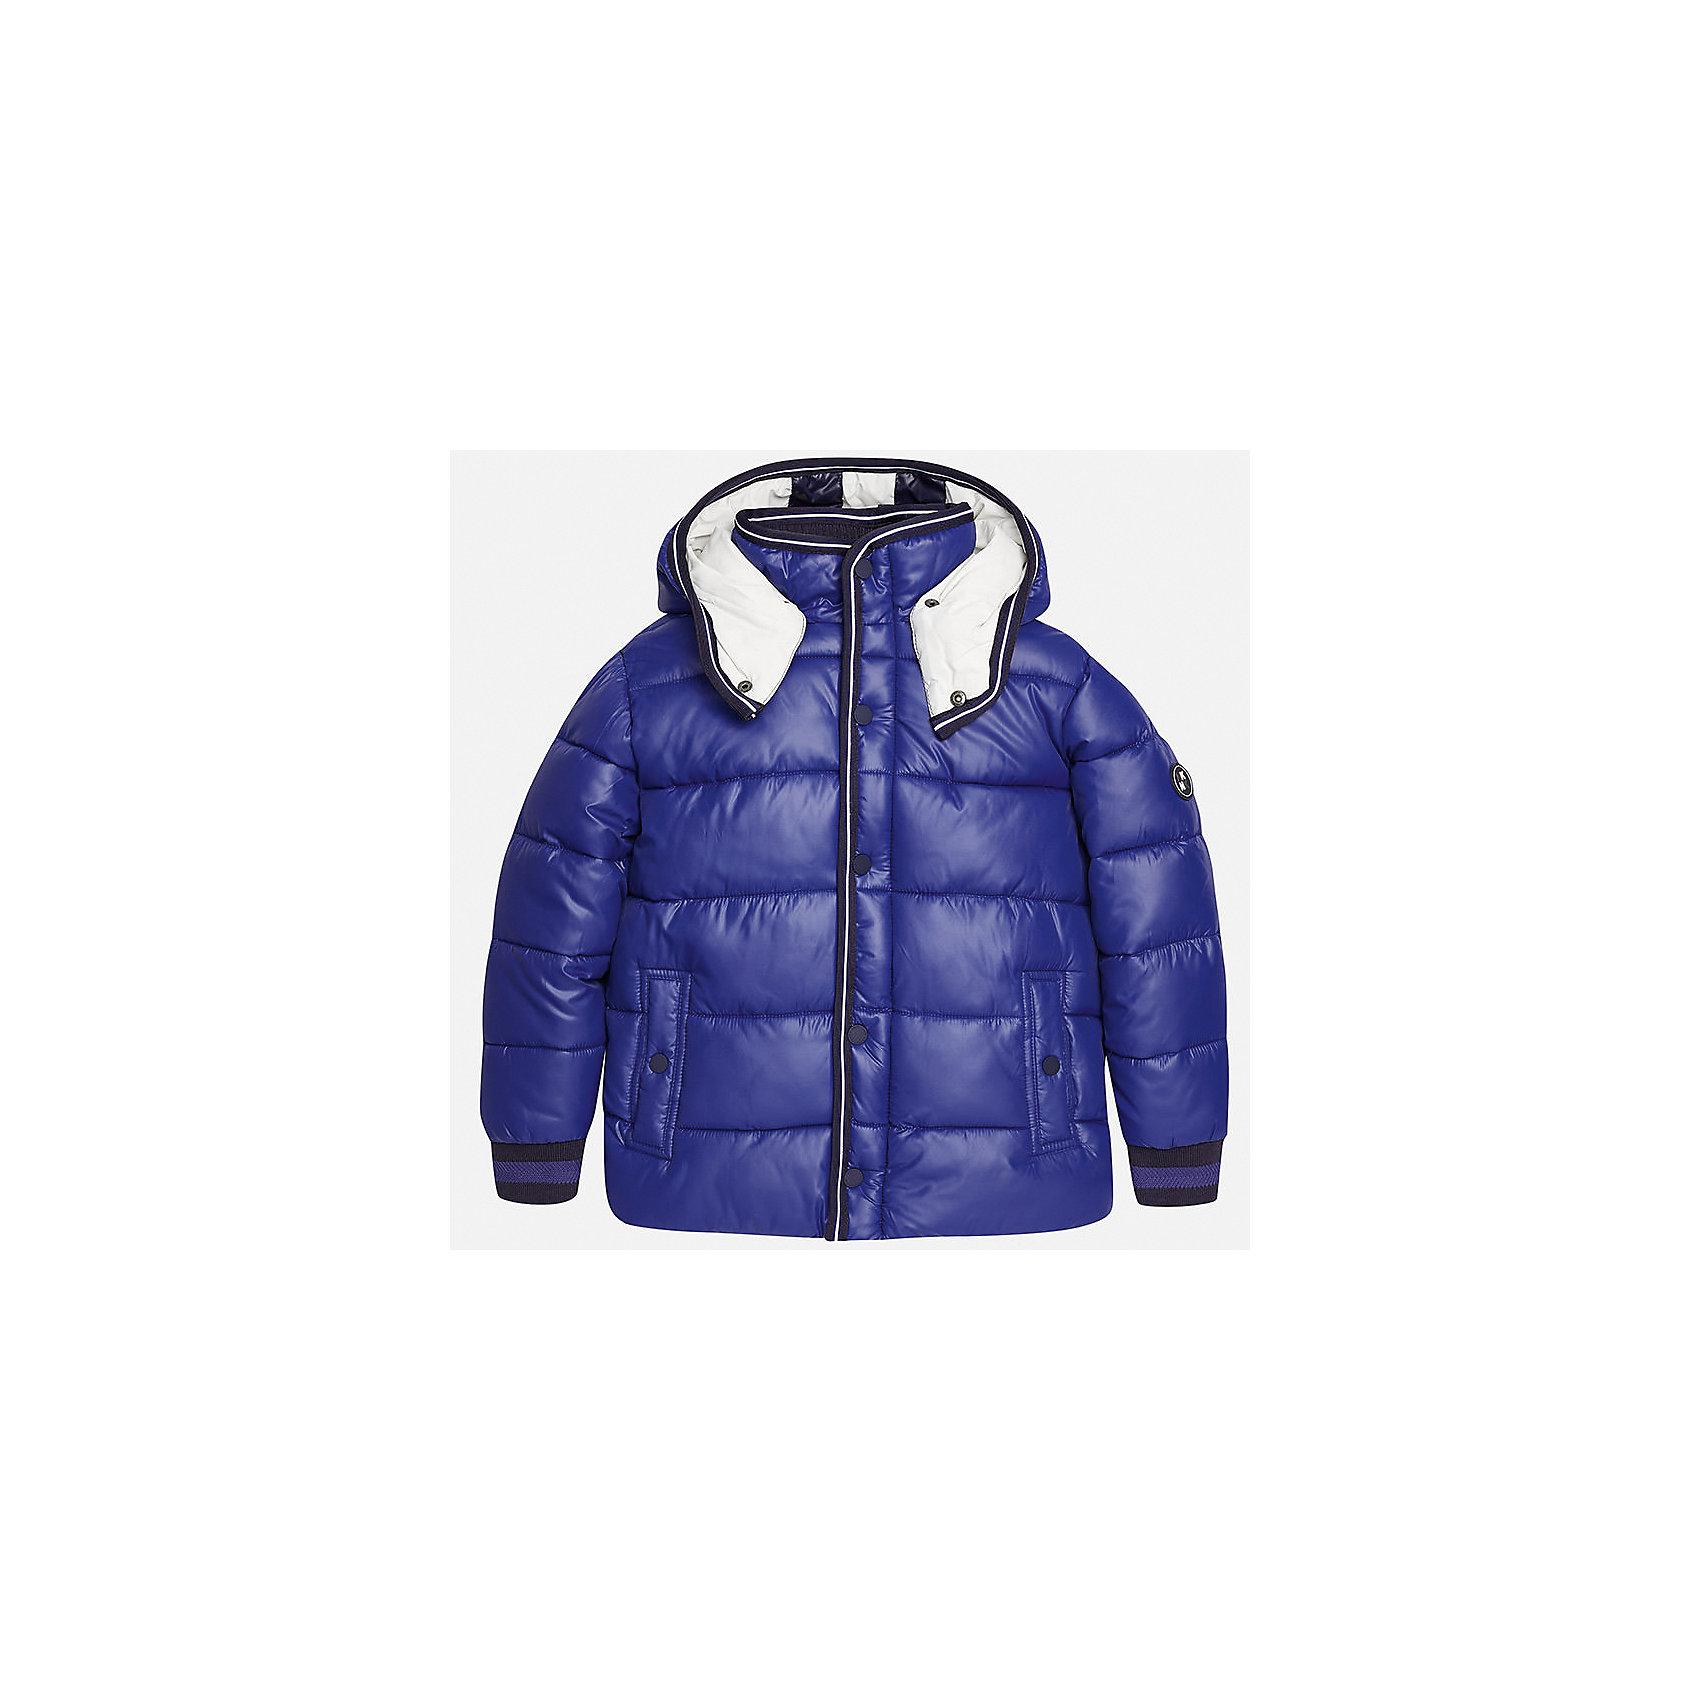 Куртка для мальчика MayoralВерхняя одежда<br>Характеристики товара:<br><br>• цвет: голубой;<br>• сезон: демисезон;<br>• температурный режим: от 0 до +10С;<br>• состав ткани: 100% полиэстер;<br>• состав подкладки: 100% хлопок;<br>• на молнии;<br>• капюшон:  отстегивается, без меха;<br>• страна бренда: Испания;<br>• страна изготовитель: Китай.<br><br>Утепленная демисезонная куртка для мальчика от популярного бренда Mayoral несомненно понравится вам и вашему ребенку. Качественные ткани, безупречное исполнение, все модели в центре модных тенденций. <br><br>Стеганная модель голубого цвета выполнена из мягкой плащевой  ткани и внутренней флисовой подкладки, обеспечивающие хорошую воздухопроницаемую защиту,  рукава, воротник и пояс на внутренних элестичных манжетах. Застегивается на молнию и кнопки, капюшон  отстегивается с помощью кнопок,  боковые карманы спереди на кнопках. Декорирована контрастной оконтовко и нашивкой-логотипом на рукаве.<br><br>Легкая и теплая куртка с капюшоном и карманами на холодную осень-весну. Грамотный крой изделия обеспечивает отличную посадку по фигуре. Все эти преимущества делают данную модель незаменимой для активных прогулок и повседневной носки.<br><br>Утепленная демисезонная куртка для мальчика Mayoral (Майорал) можно купить в нашем интернет-магазине.<br><br>Ширина мм: 356<br>Глубина мм: 10<br>Высота мм: 245<br>Вес г: 519<br>Цвет: синий<br>Возраст от месяцев: 168<br>Возраст до месяцев: 180<br>Пол: Мужской<br>Возраст: Детский<br>Размер: 170,128/134,140,152,158,164<br>SKU: 6938796